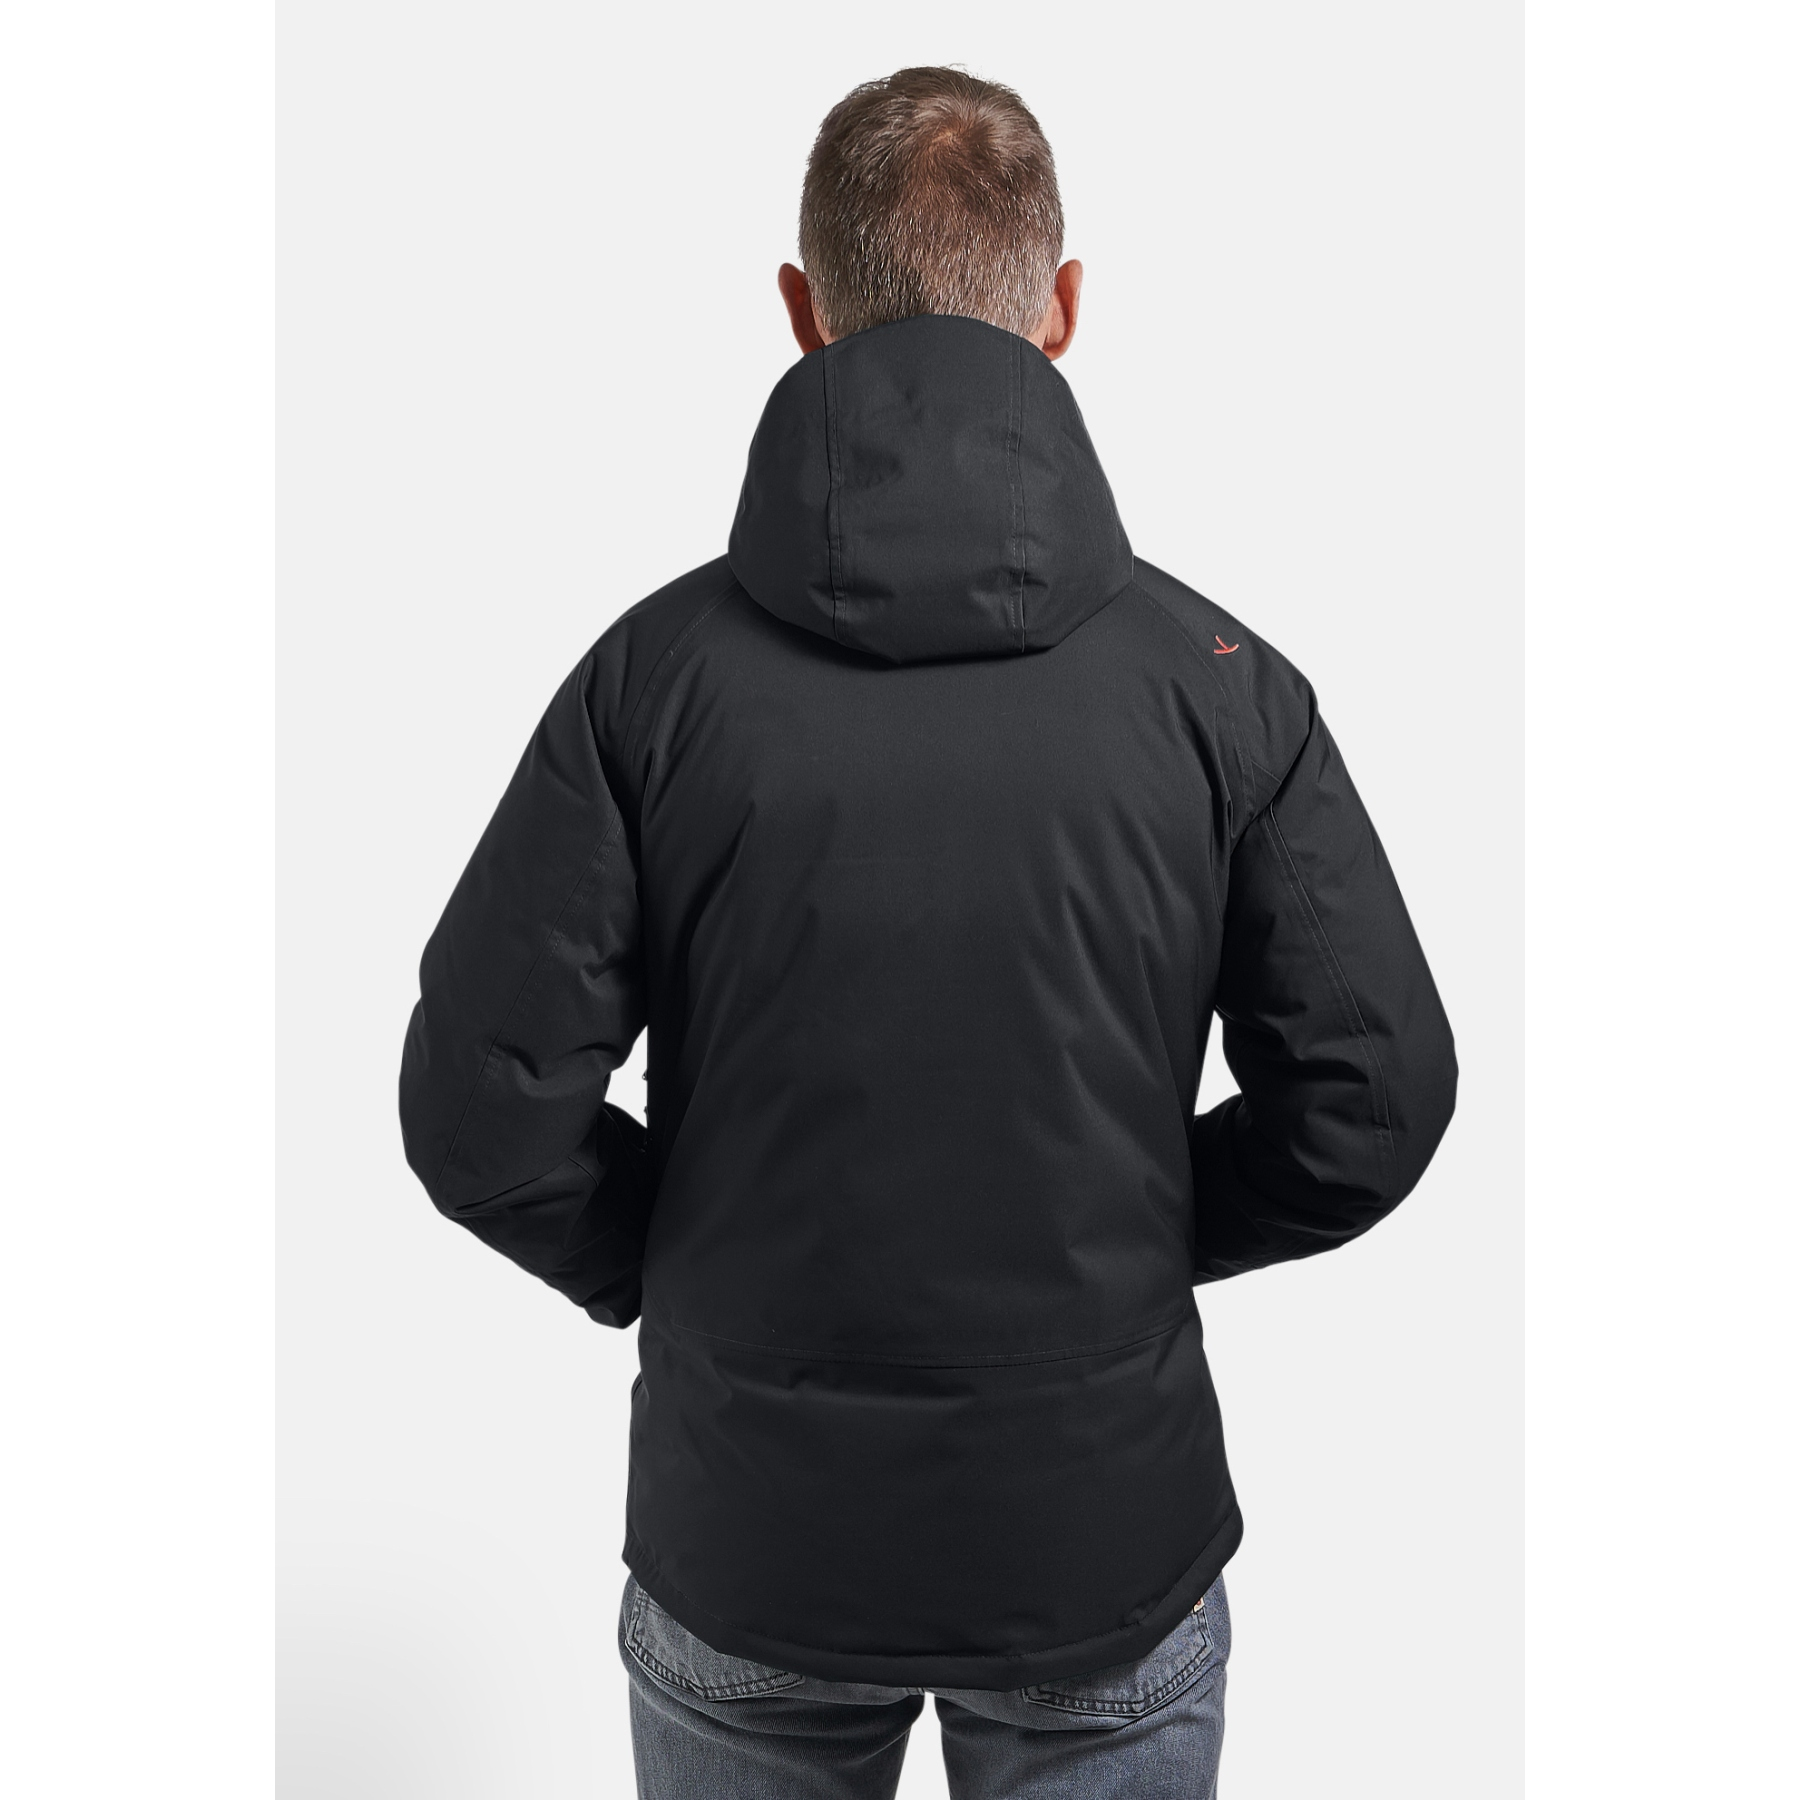 Bild von Yeti Herren Reese Daunenisolierte Hard Shell Jacke - schwarz